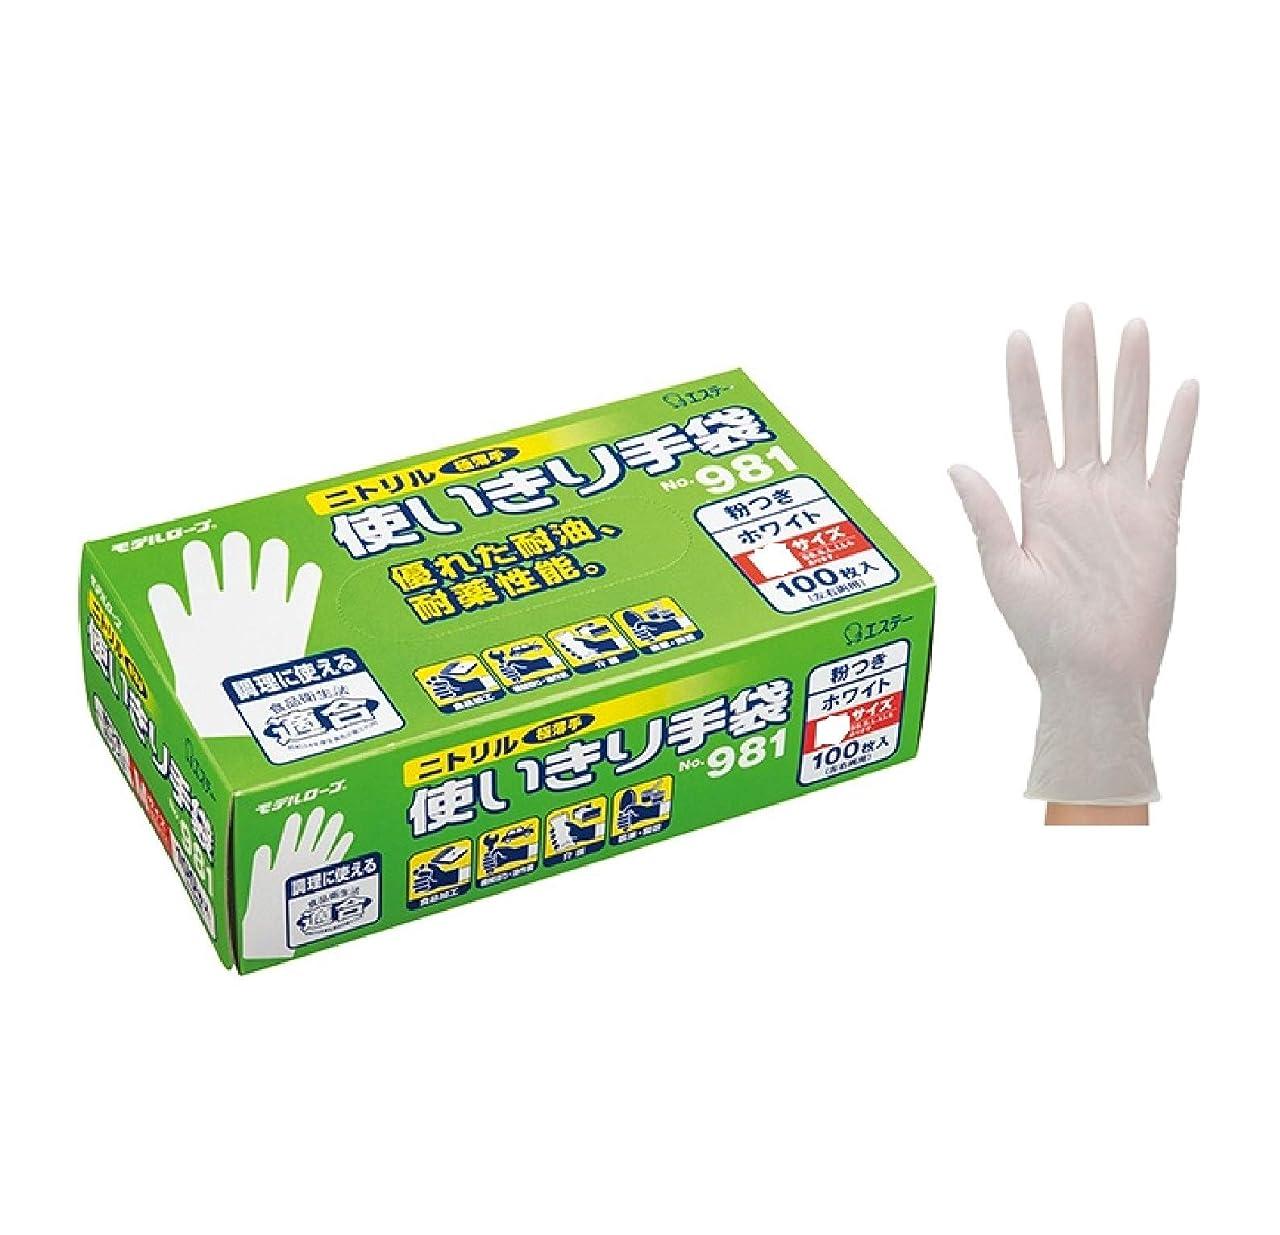 口述するパックパースエステー ニトリル手袋/作業用手袋 [粉付 No981/M 12箱]